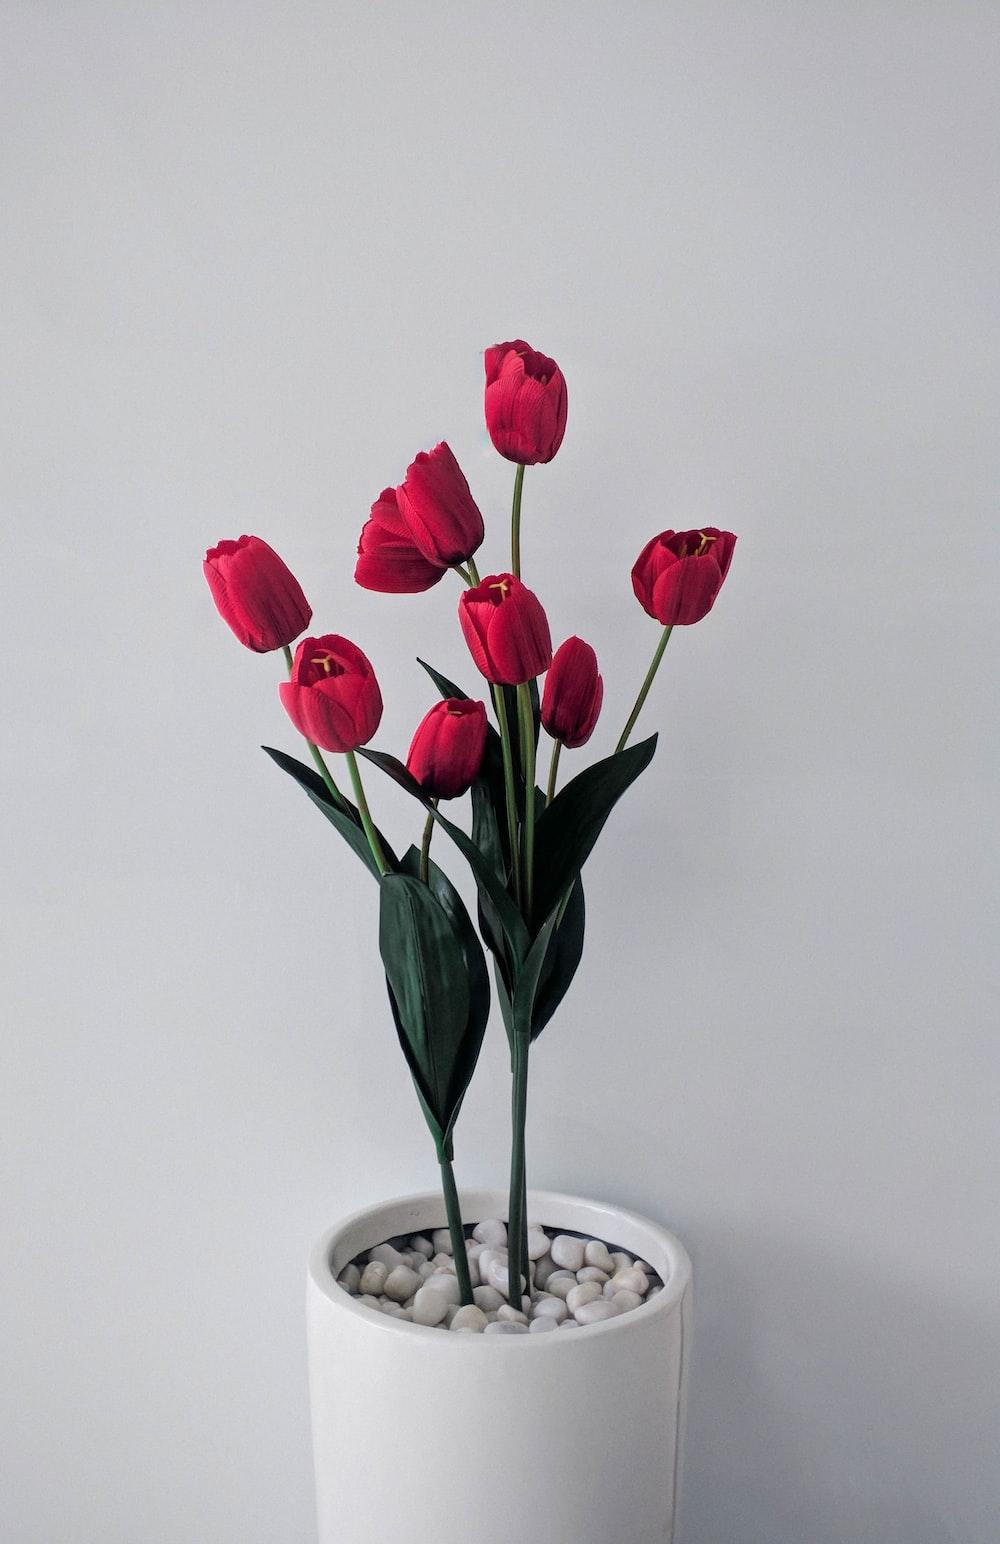 red tulips in white ceramic vase